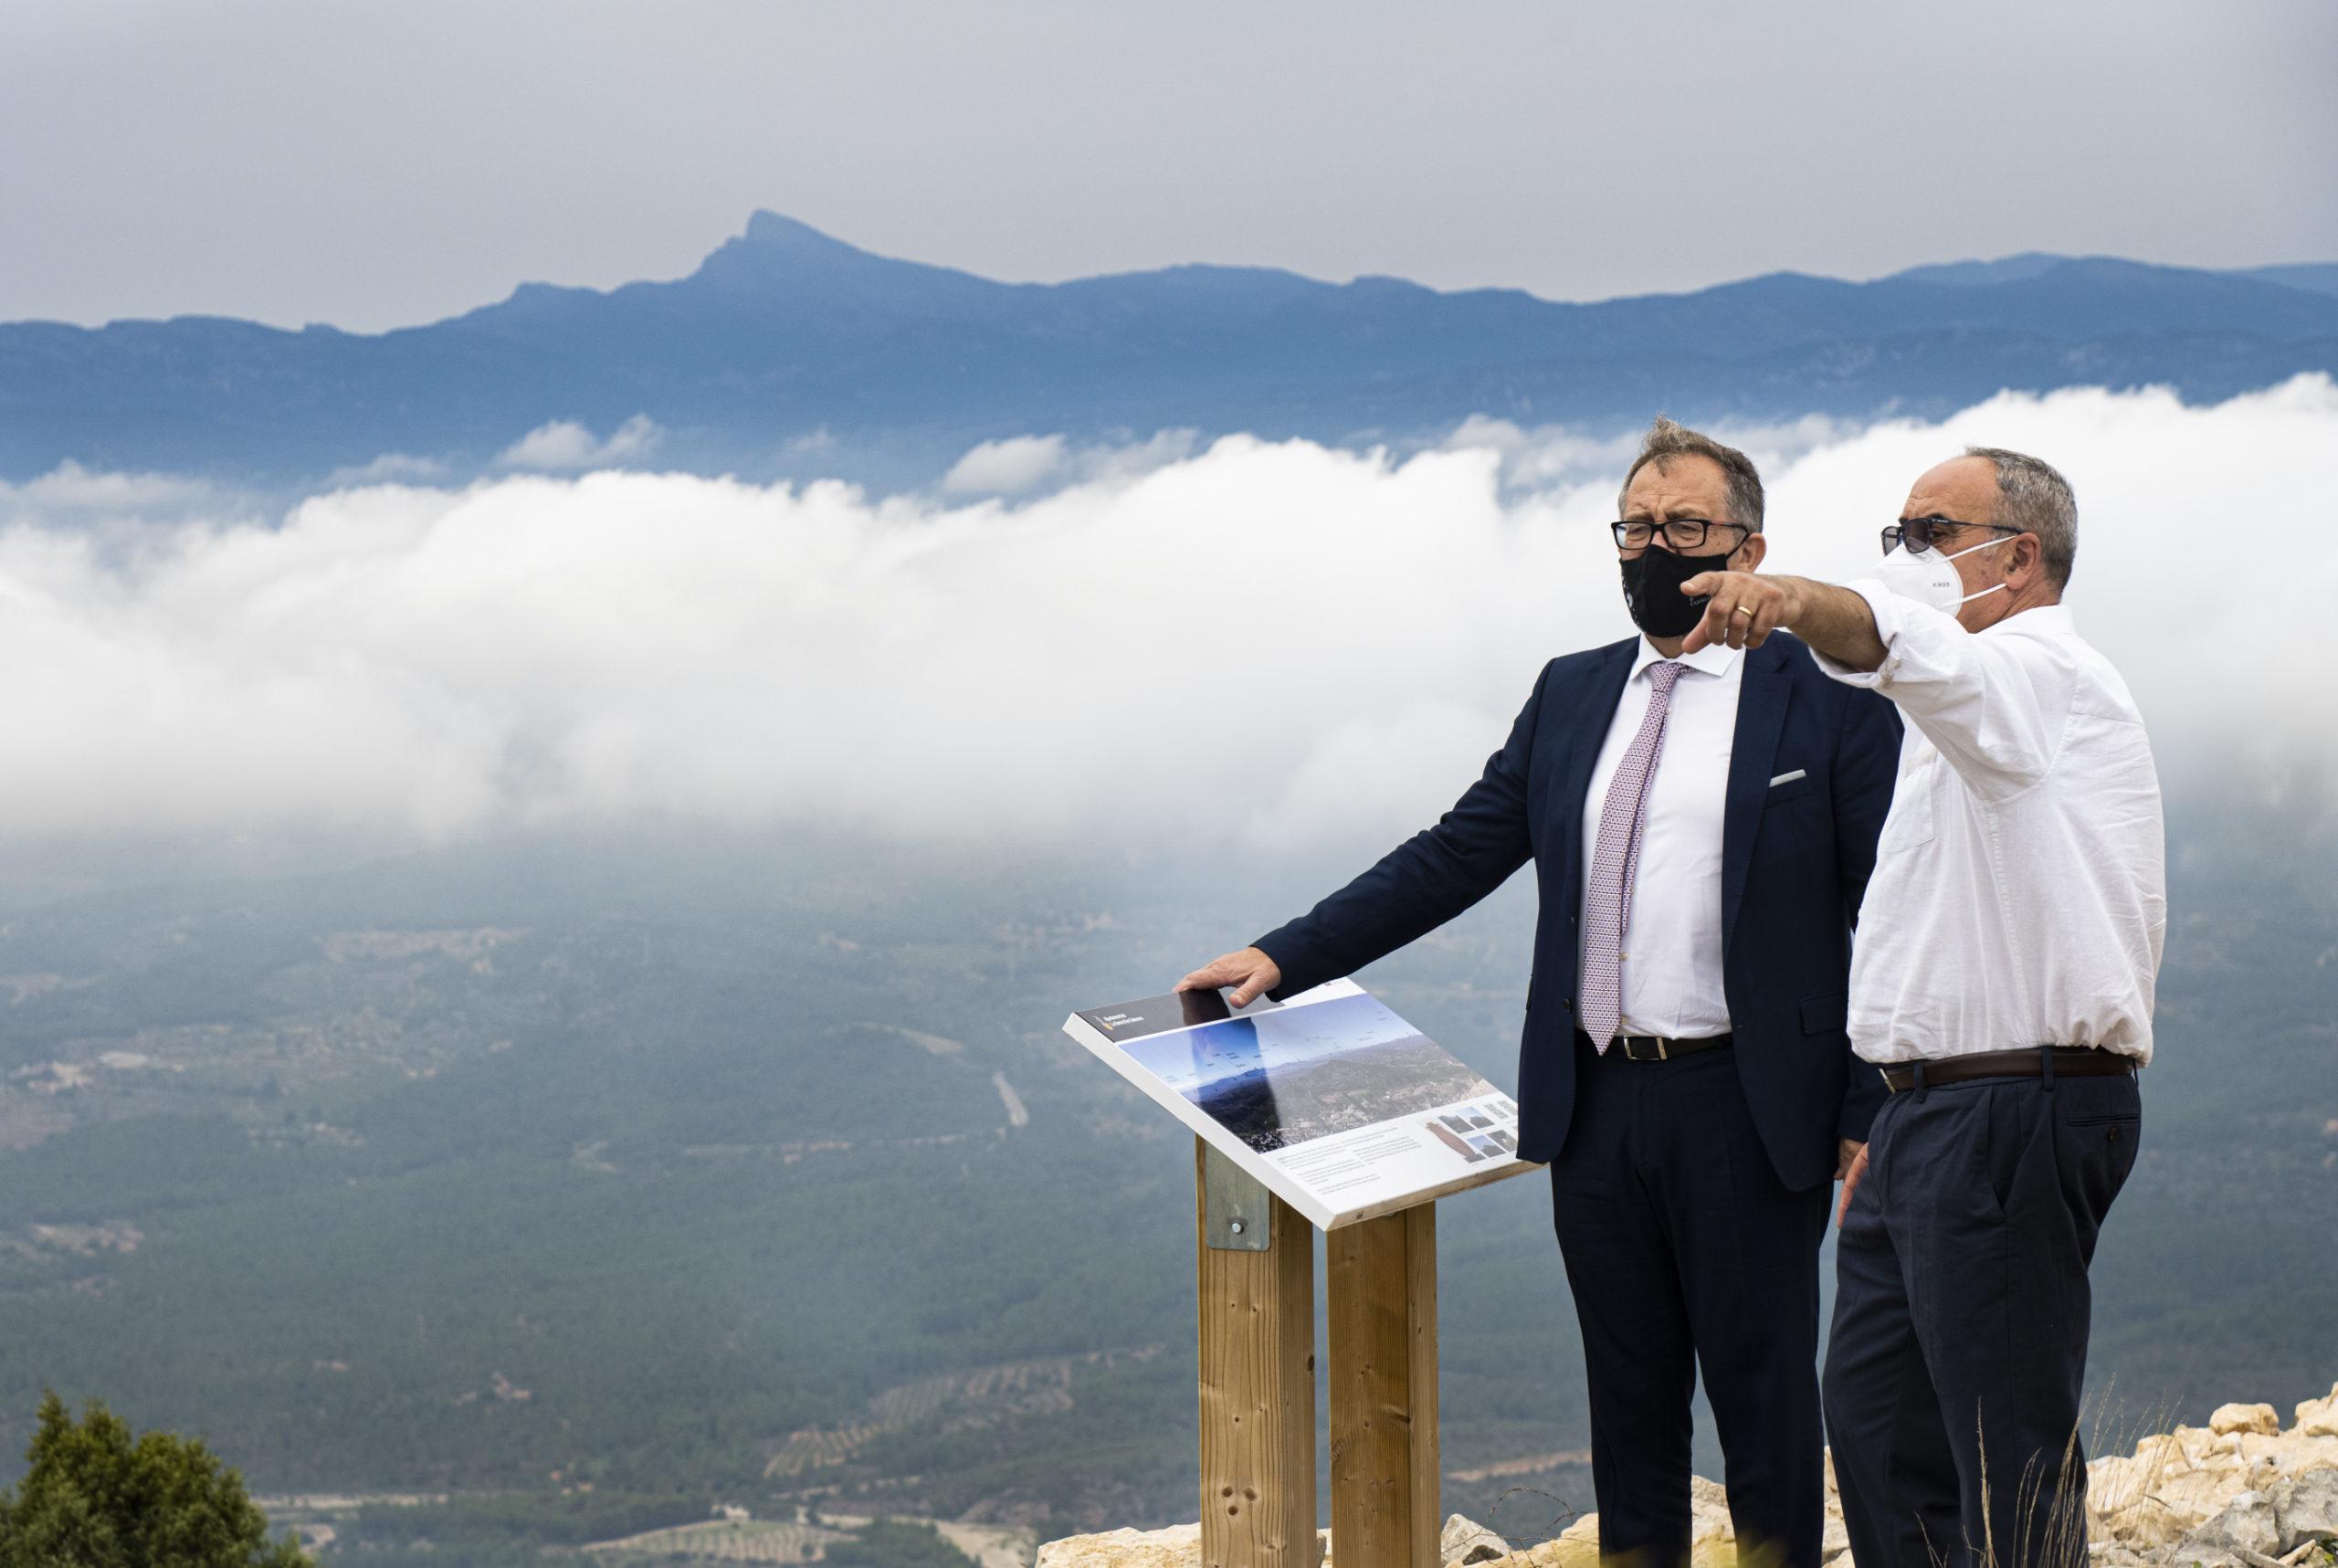 José Martí pone en valor los hallazgos históricos obtenidos en el yacimiento arqueológico de Tossal de la Vila en Serra d'en Galceran